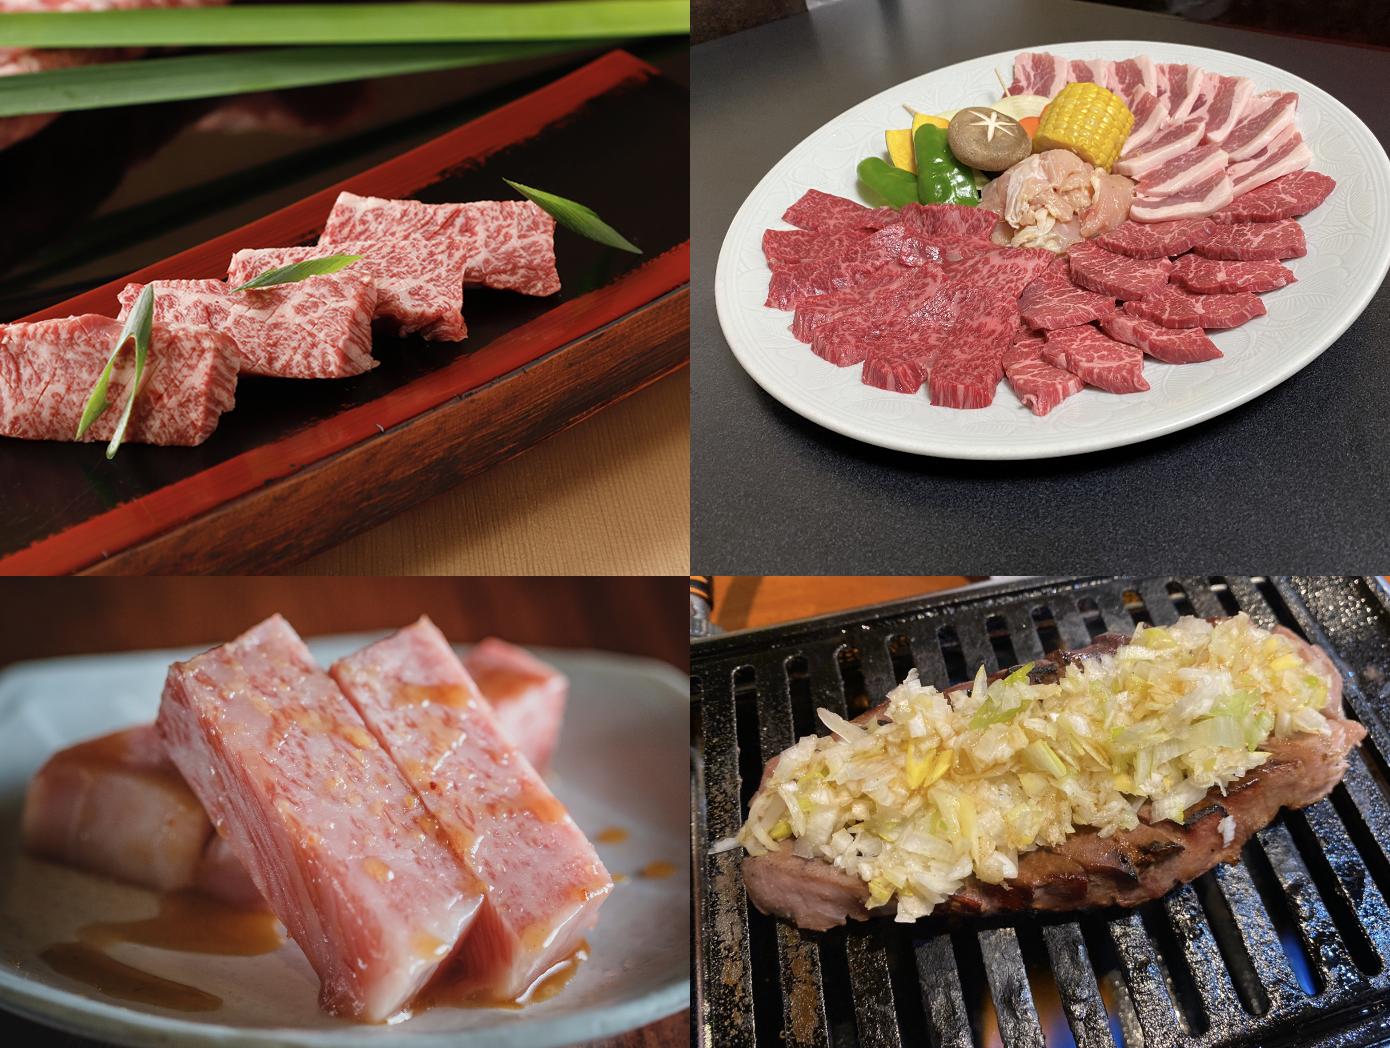 ごちめし編集部がオススメ。肉好きなら一度は食べたい東京、宮城、大阪、沖縄の焼肉4選